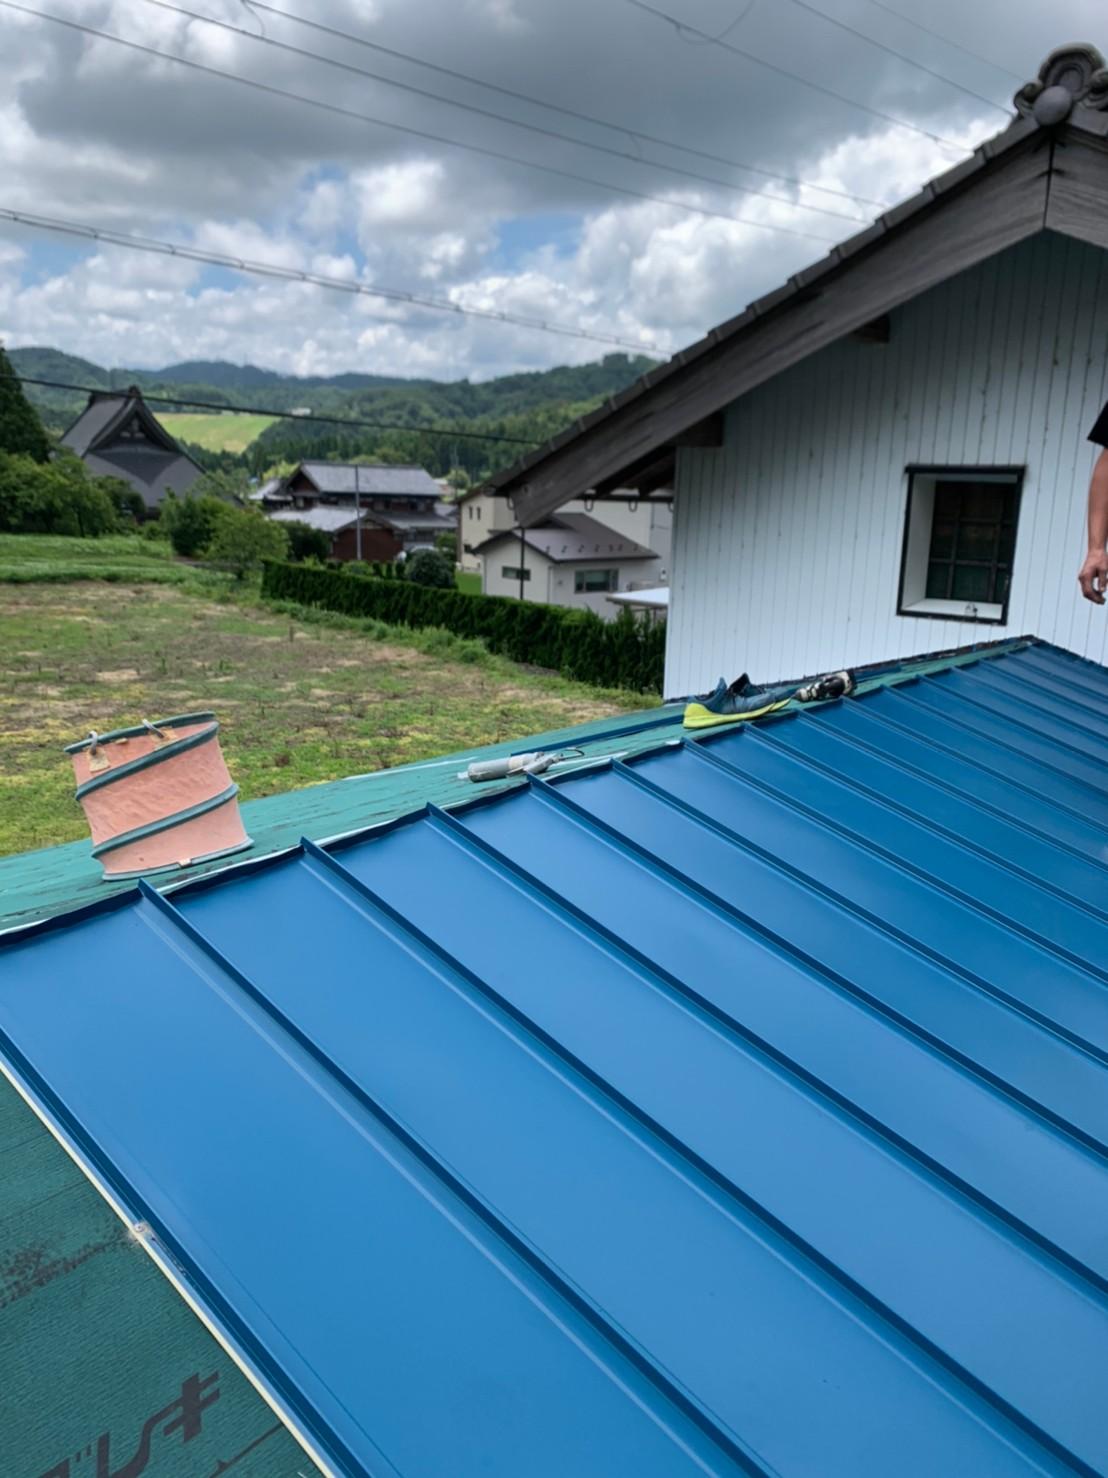 耐久性に優れ、軽量なガルバリウム鋼板を使用